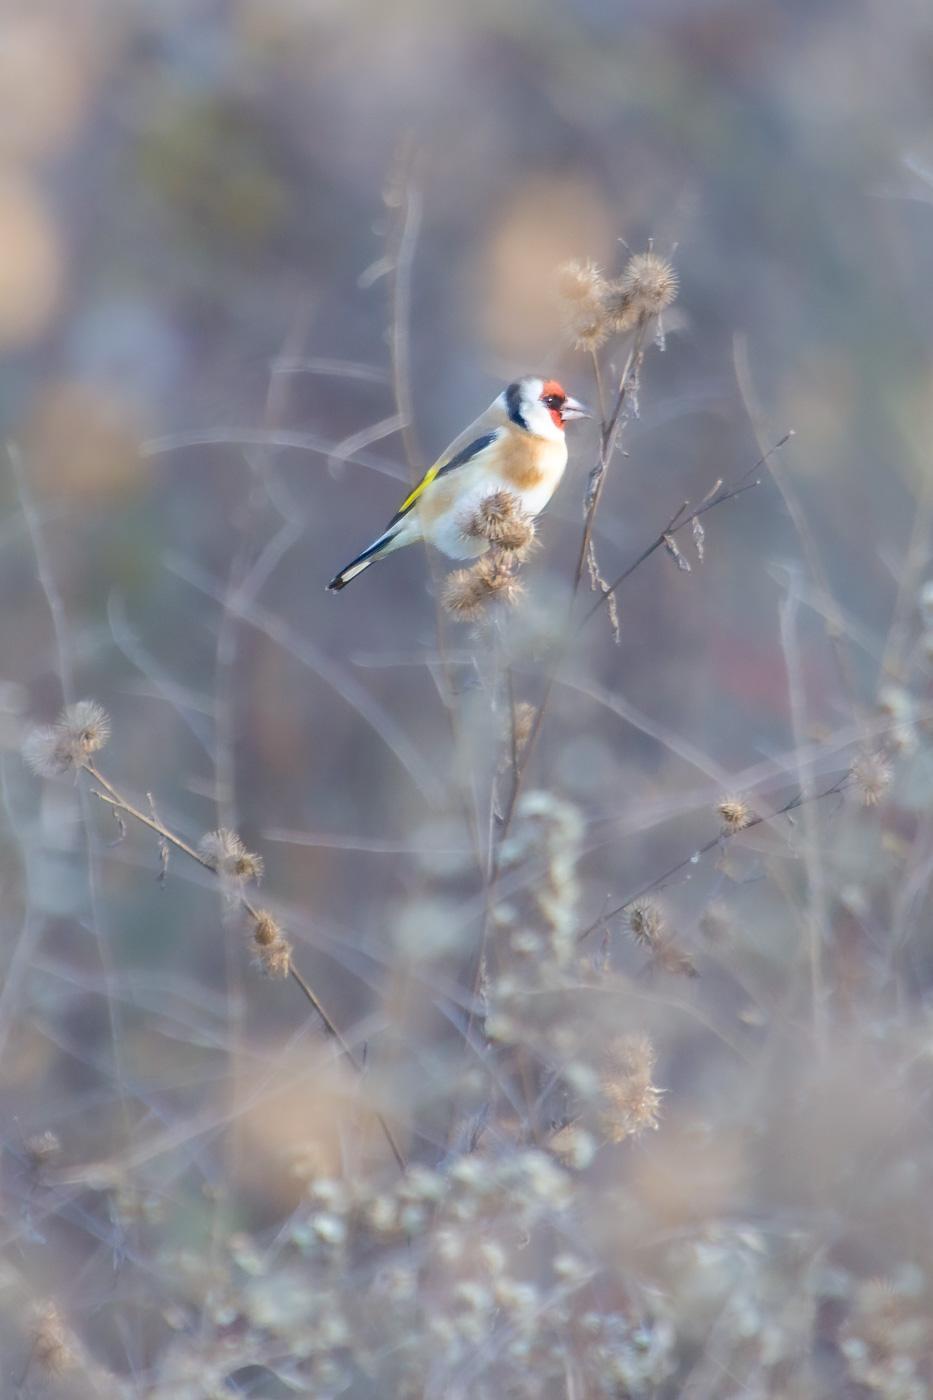 Cadernera - Fauna salvatge - Raül Carmona - Fotografia, Fotografia d'estudi, esdeveniments i Natura